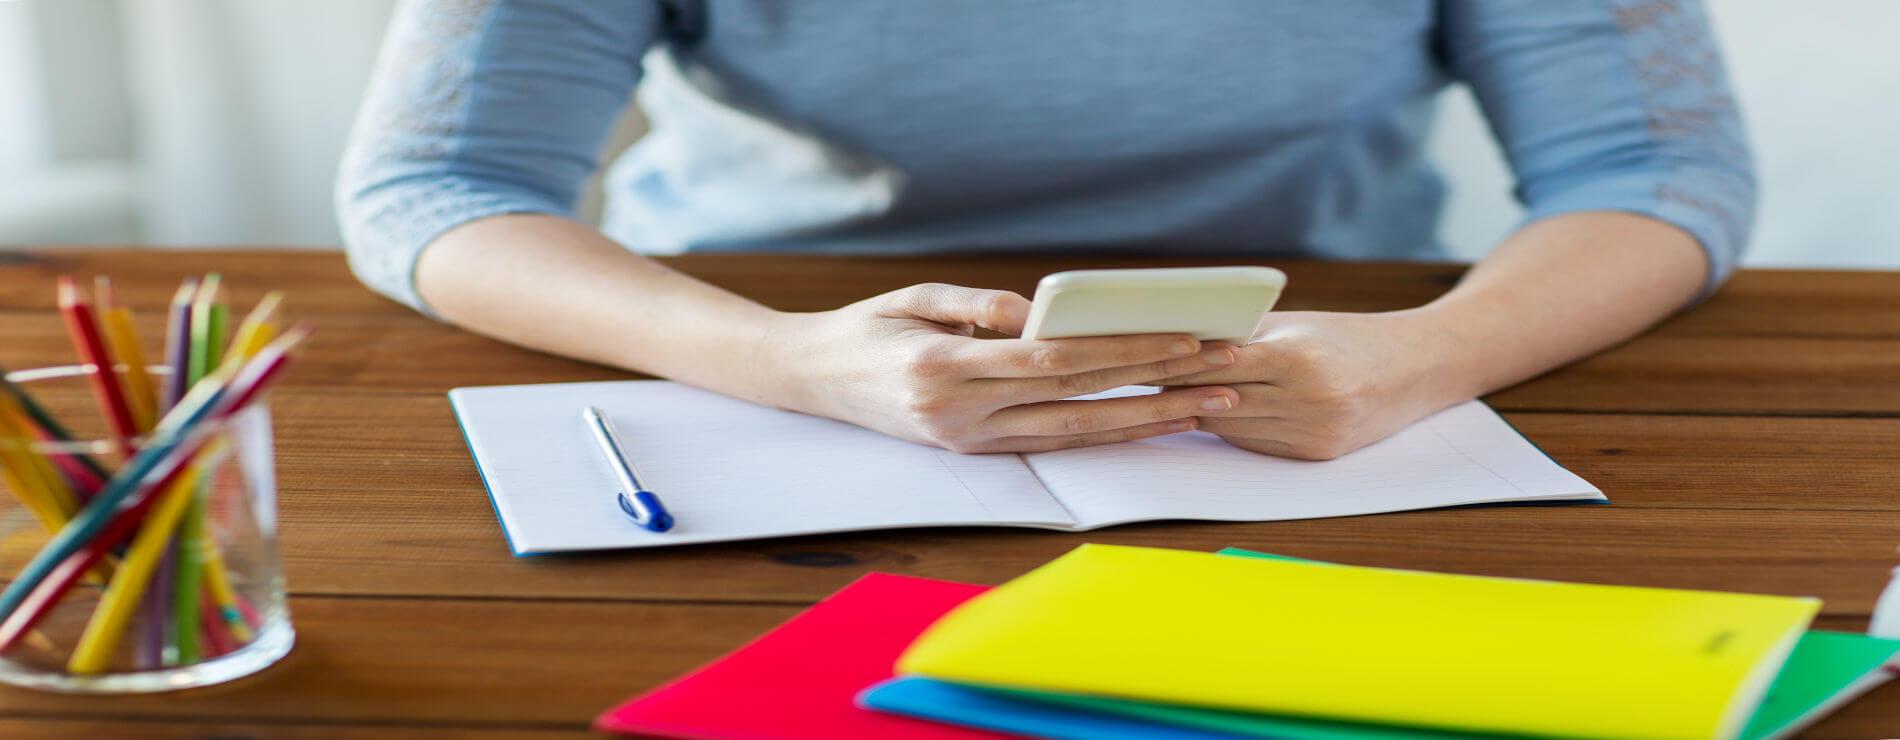 mesa de estudos com Smartphone